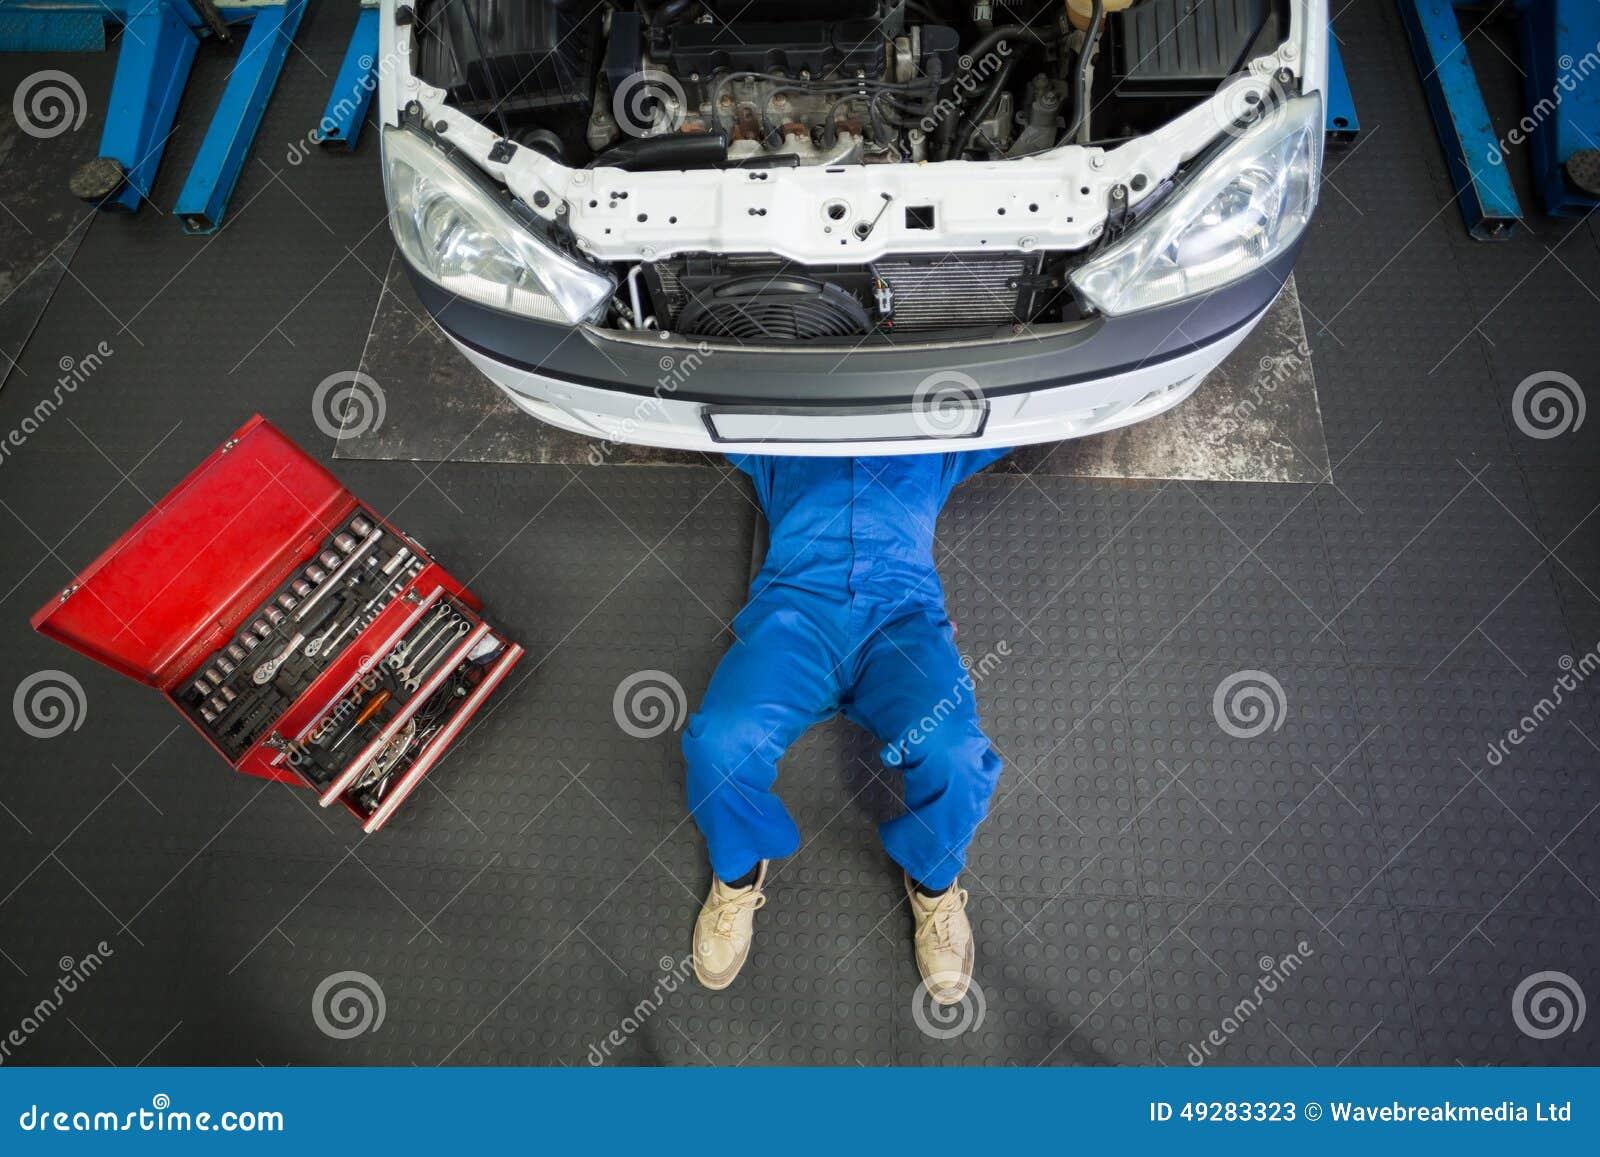 Mechaniker, Der Unter Auto Liegt Und Arbeitet Stockbild - Bild von ...